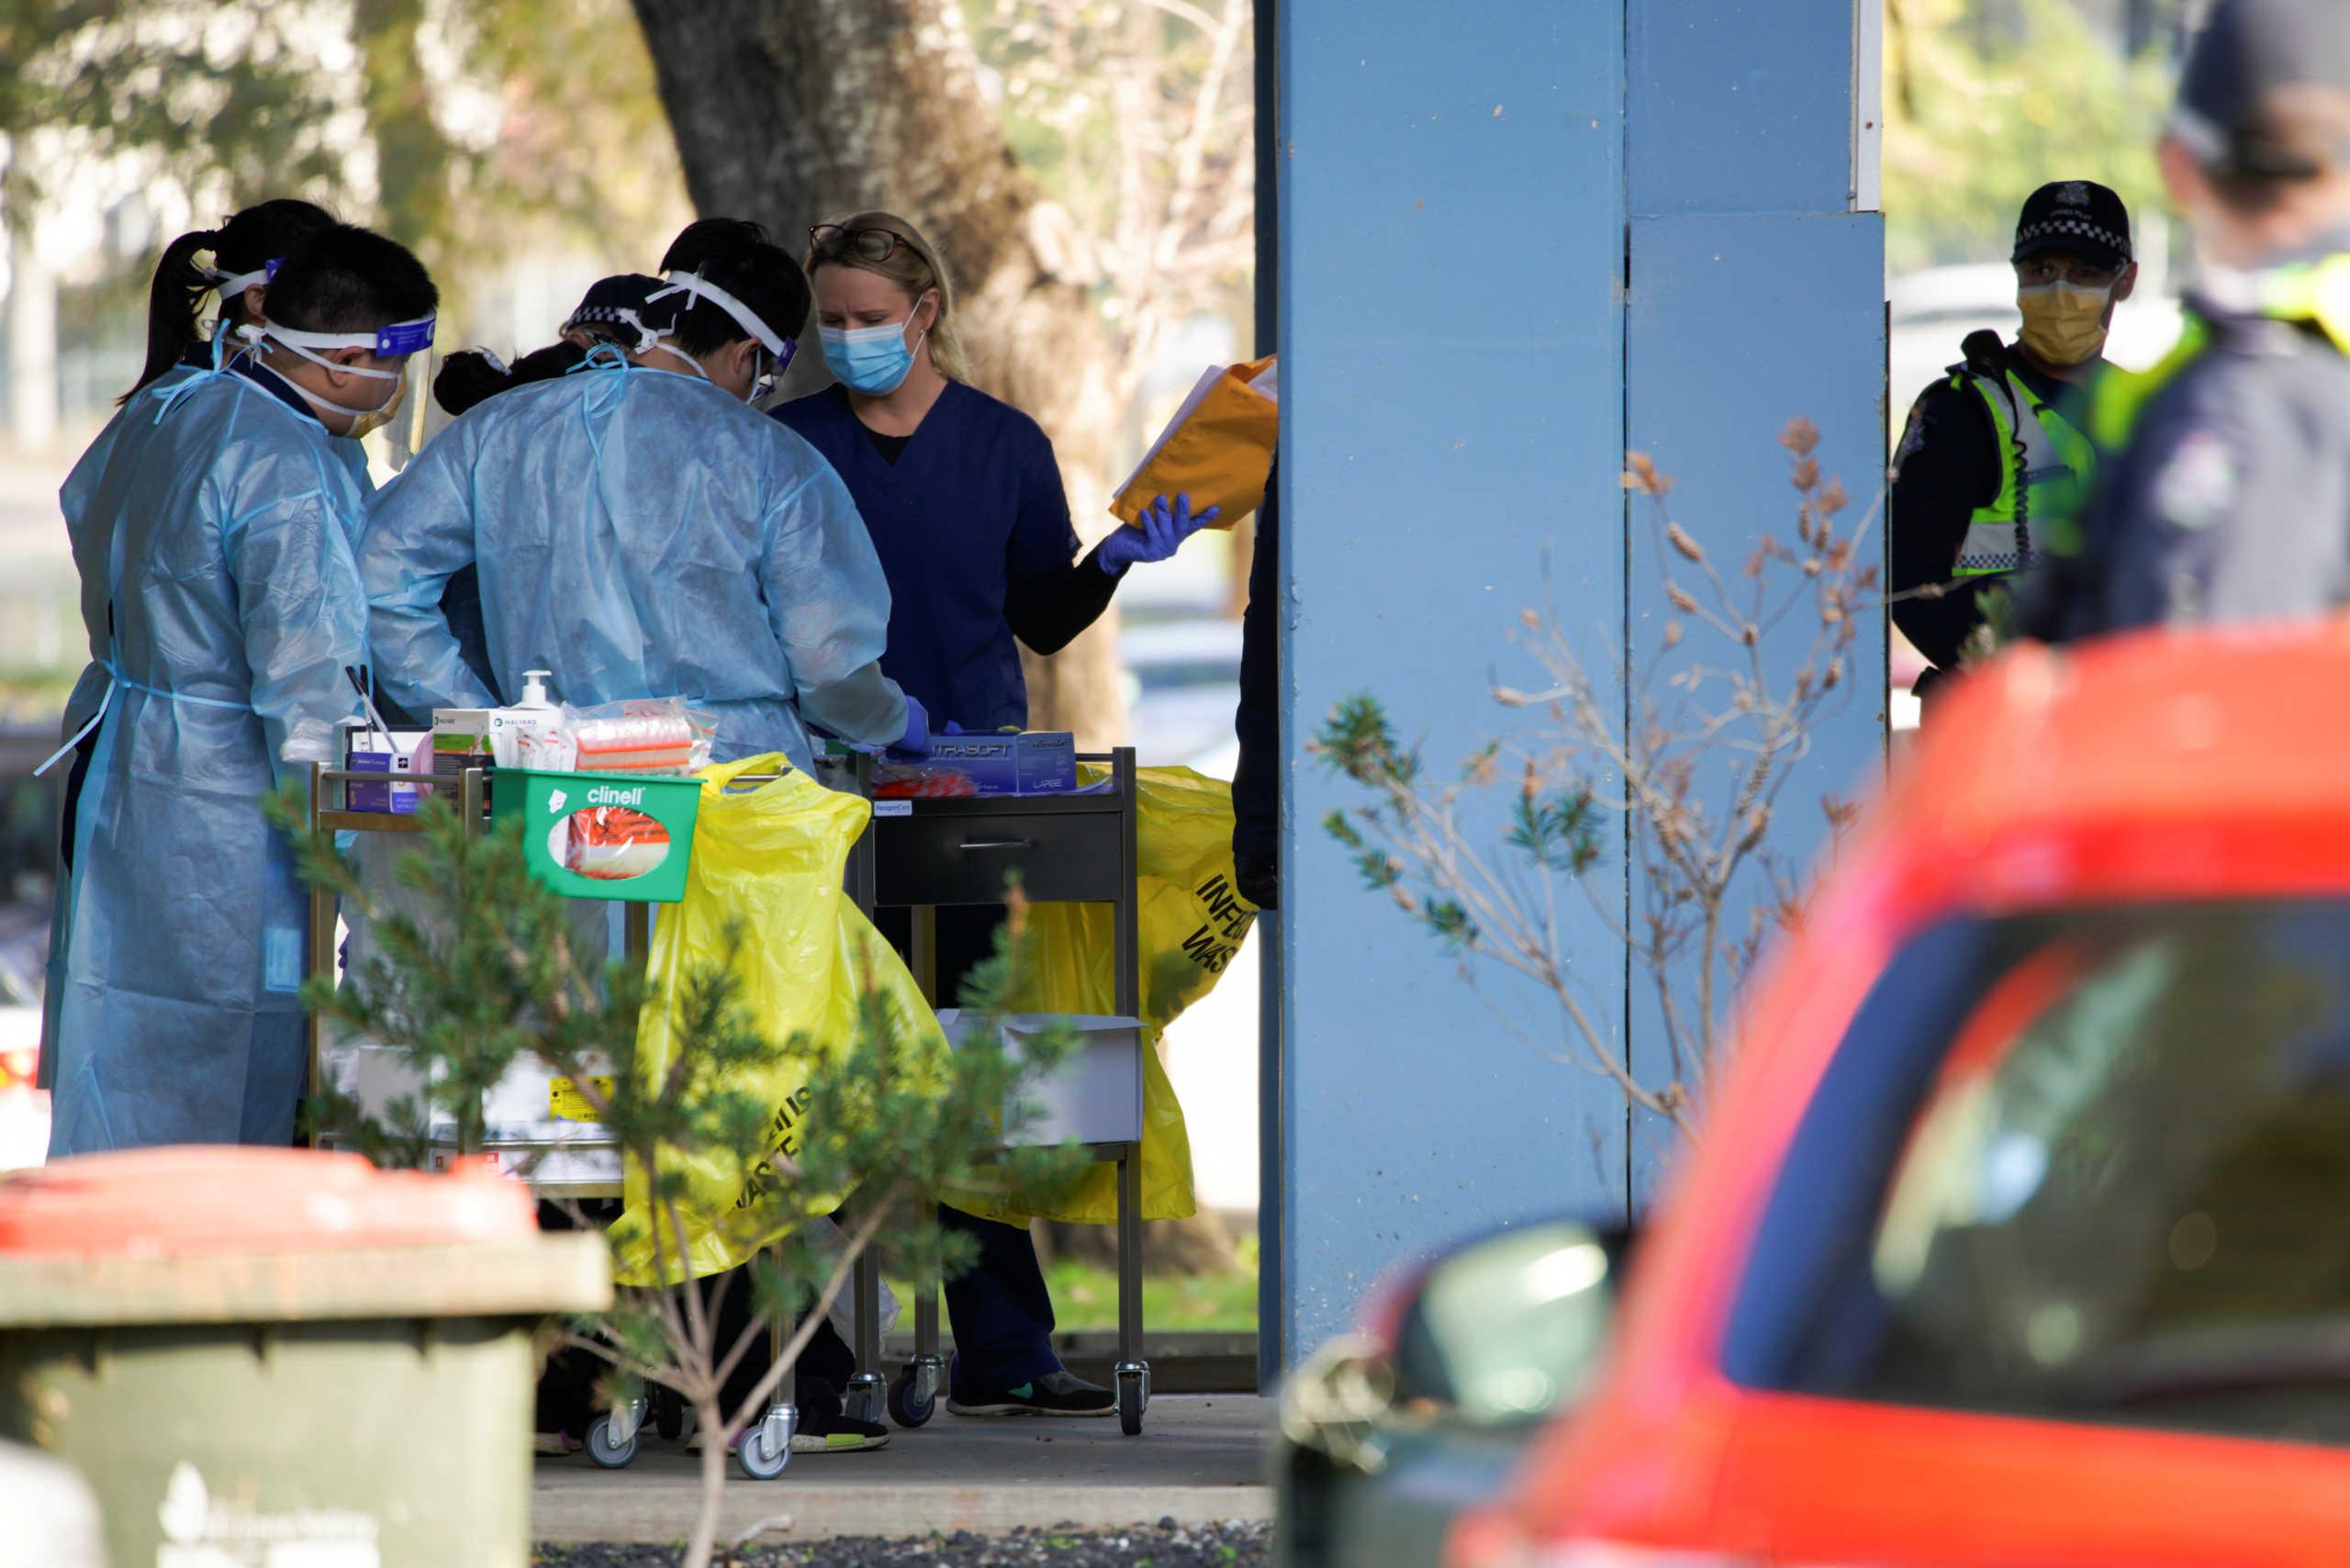 Μια 100χρονη ανάμεσα στους 3 νέους νεκρούς στη Μελβούρνη